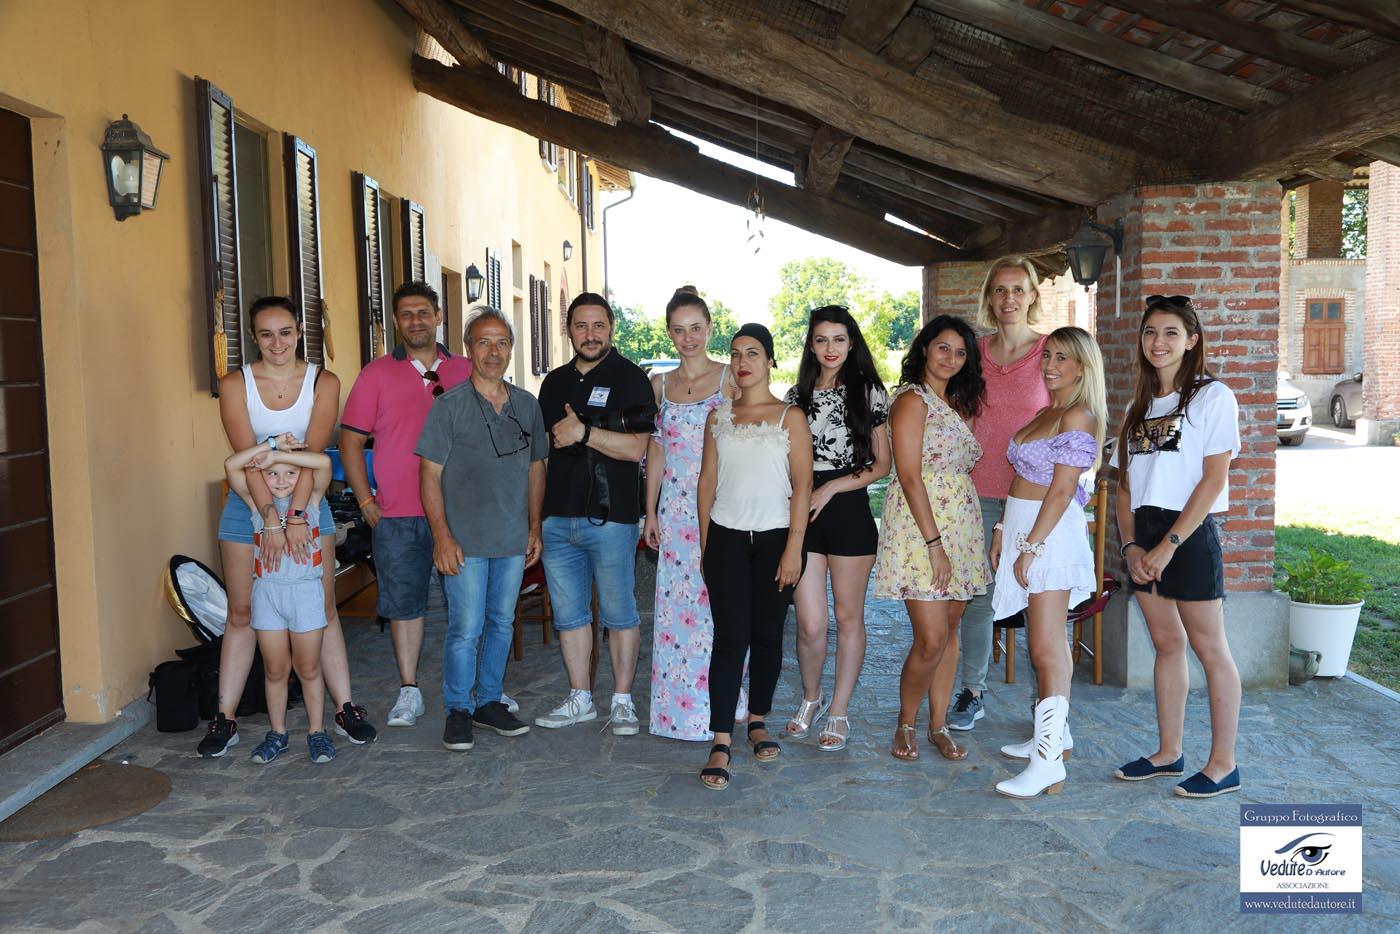 Workshop di ritratto Luglio 2020 - fine giornata